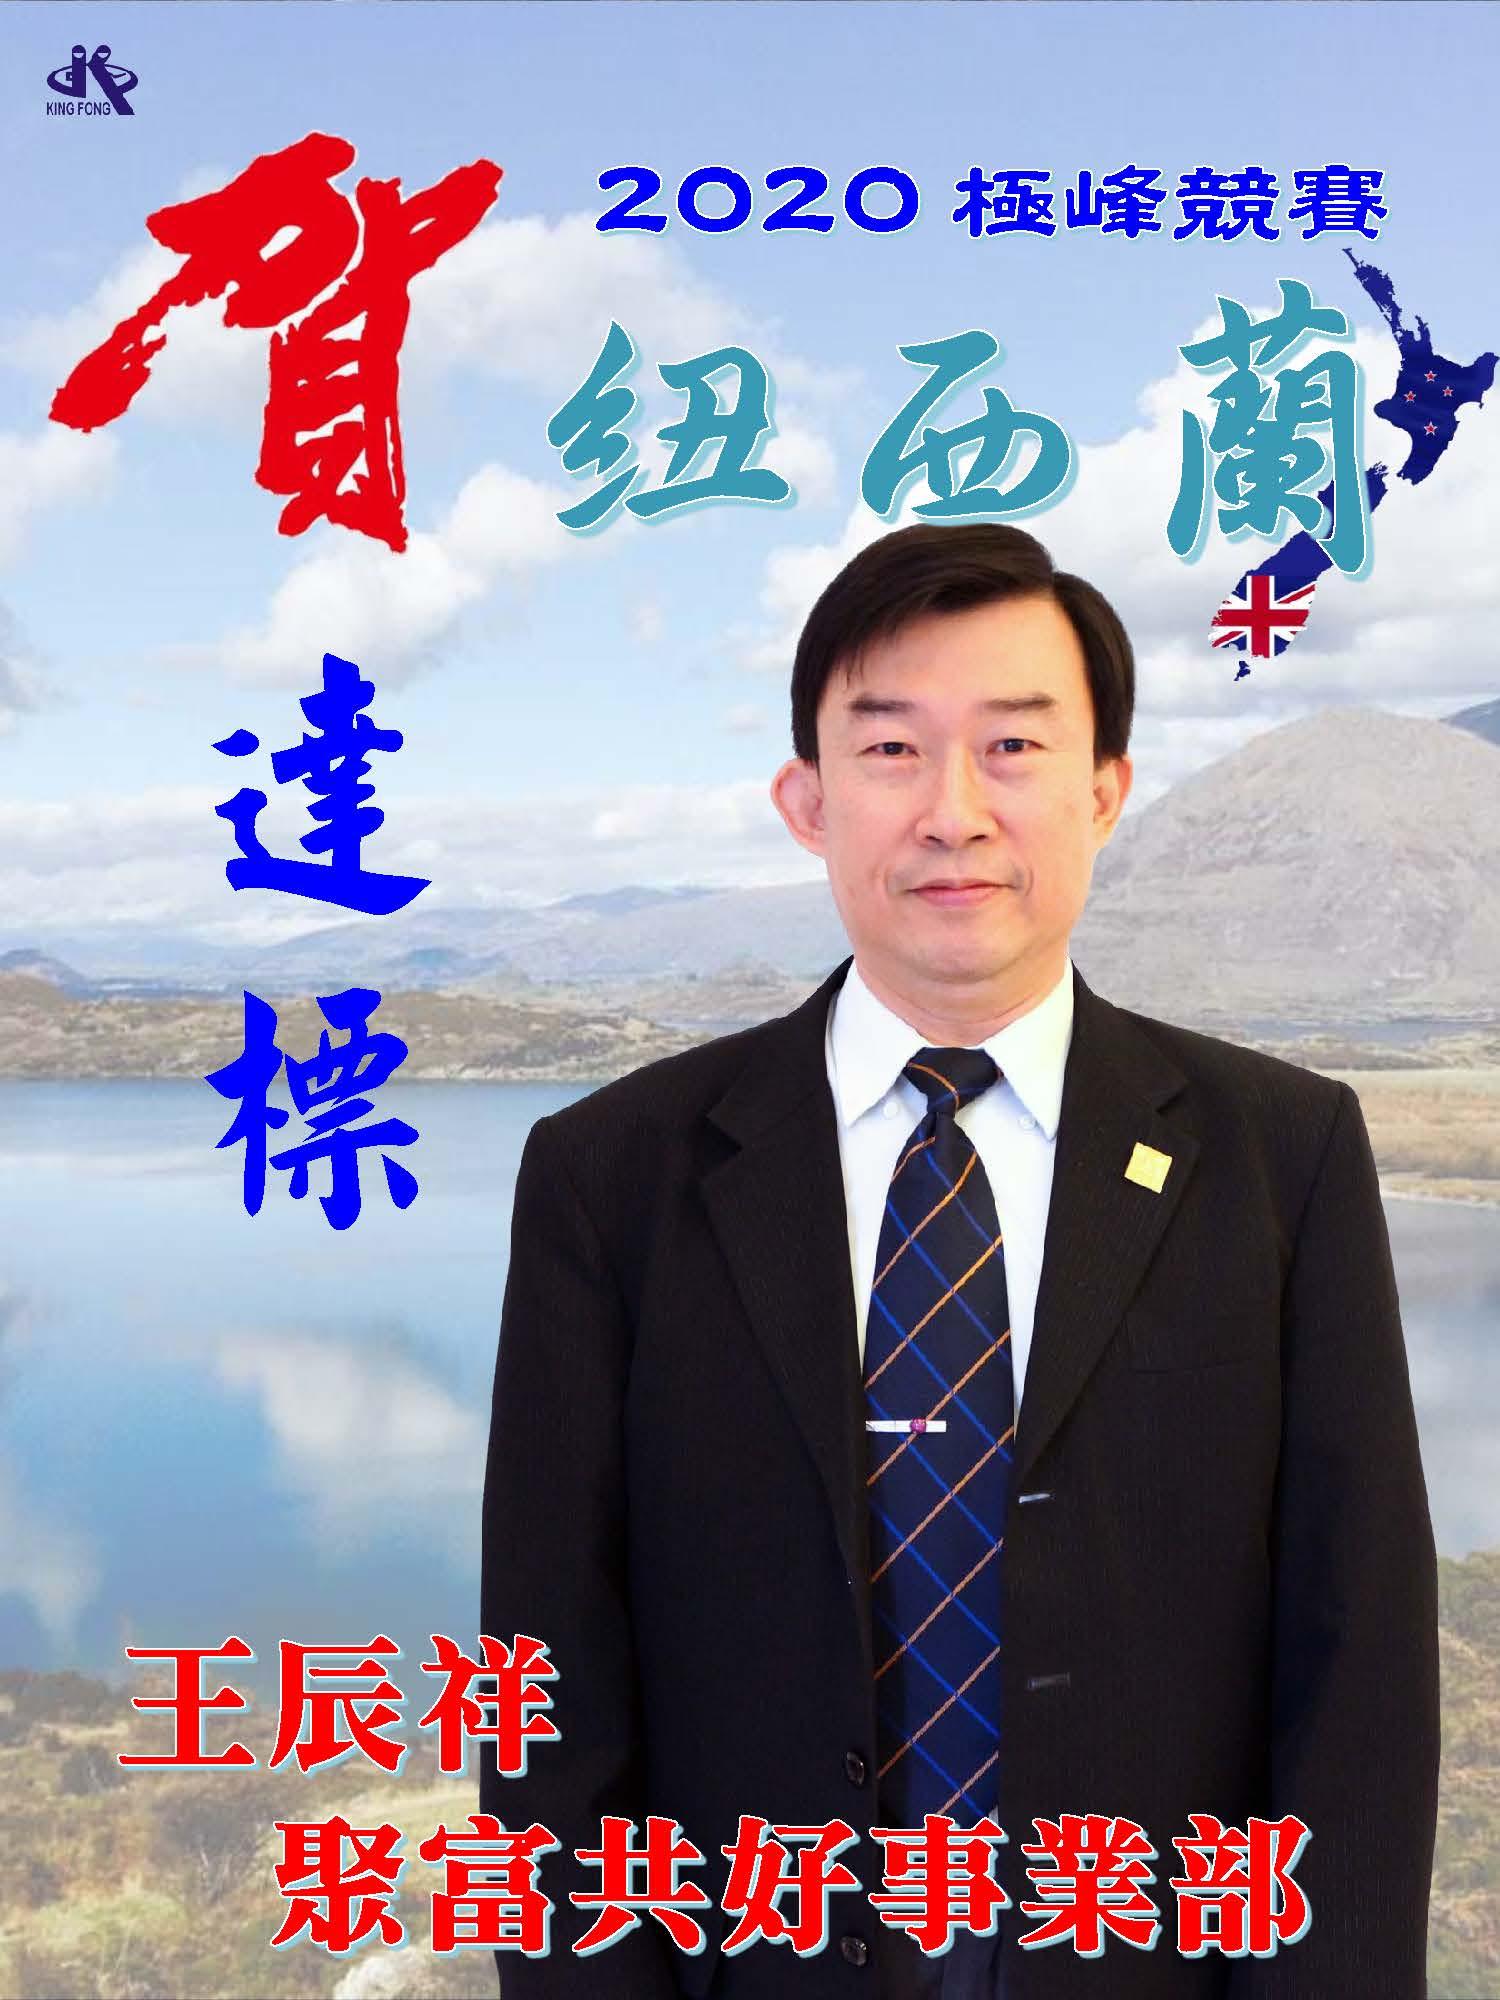 20200623-2020年極峰競賽紐西蘭英雄榜-王辰祥